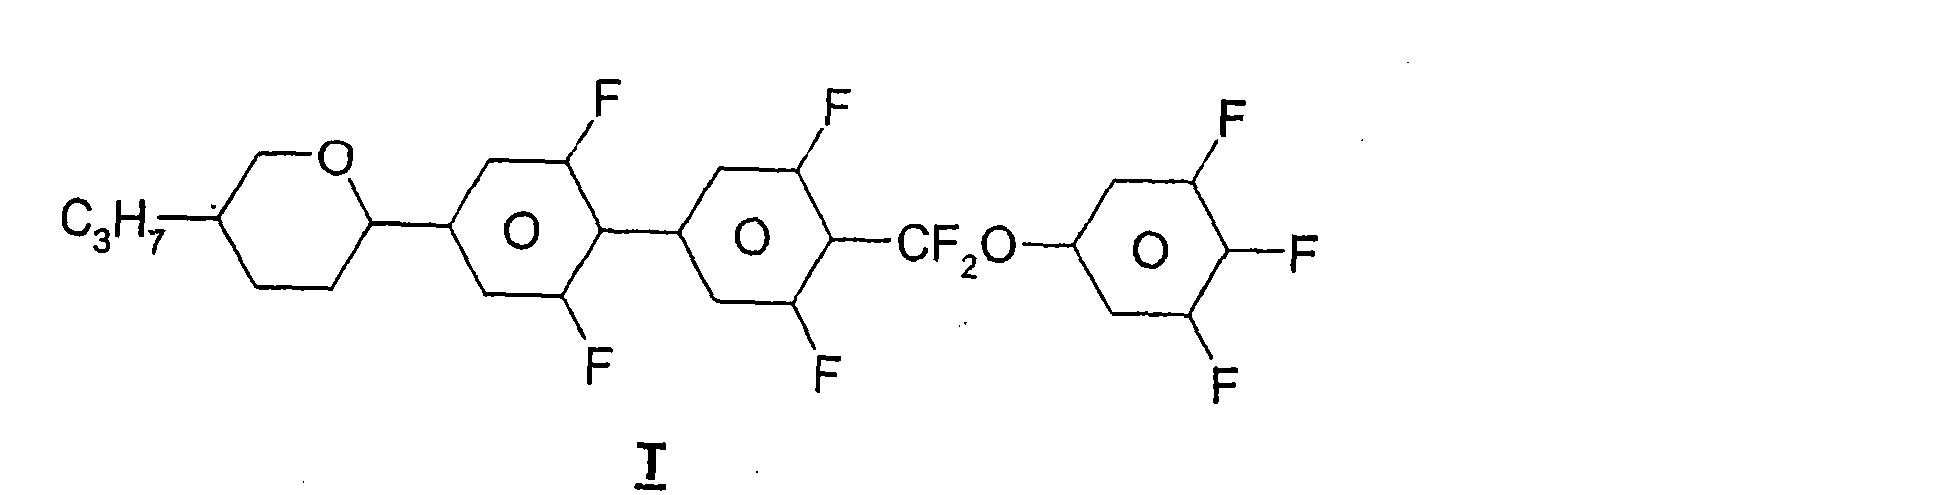 Figure CN101294079BD01382